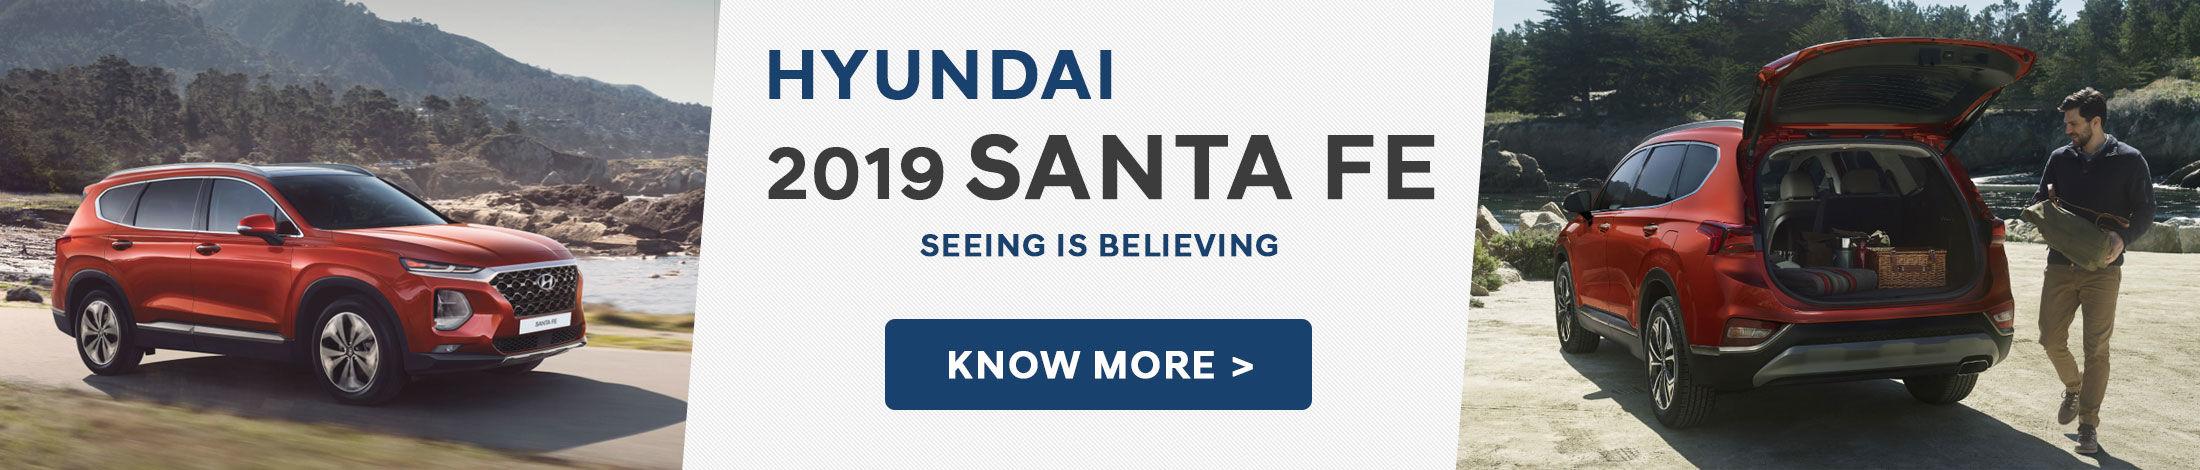 santa-fe 2019